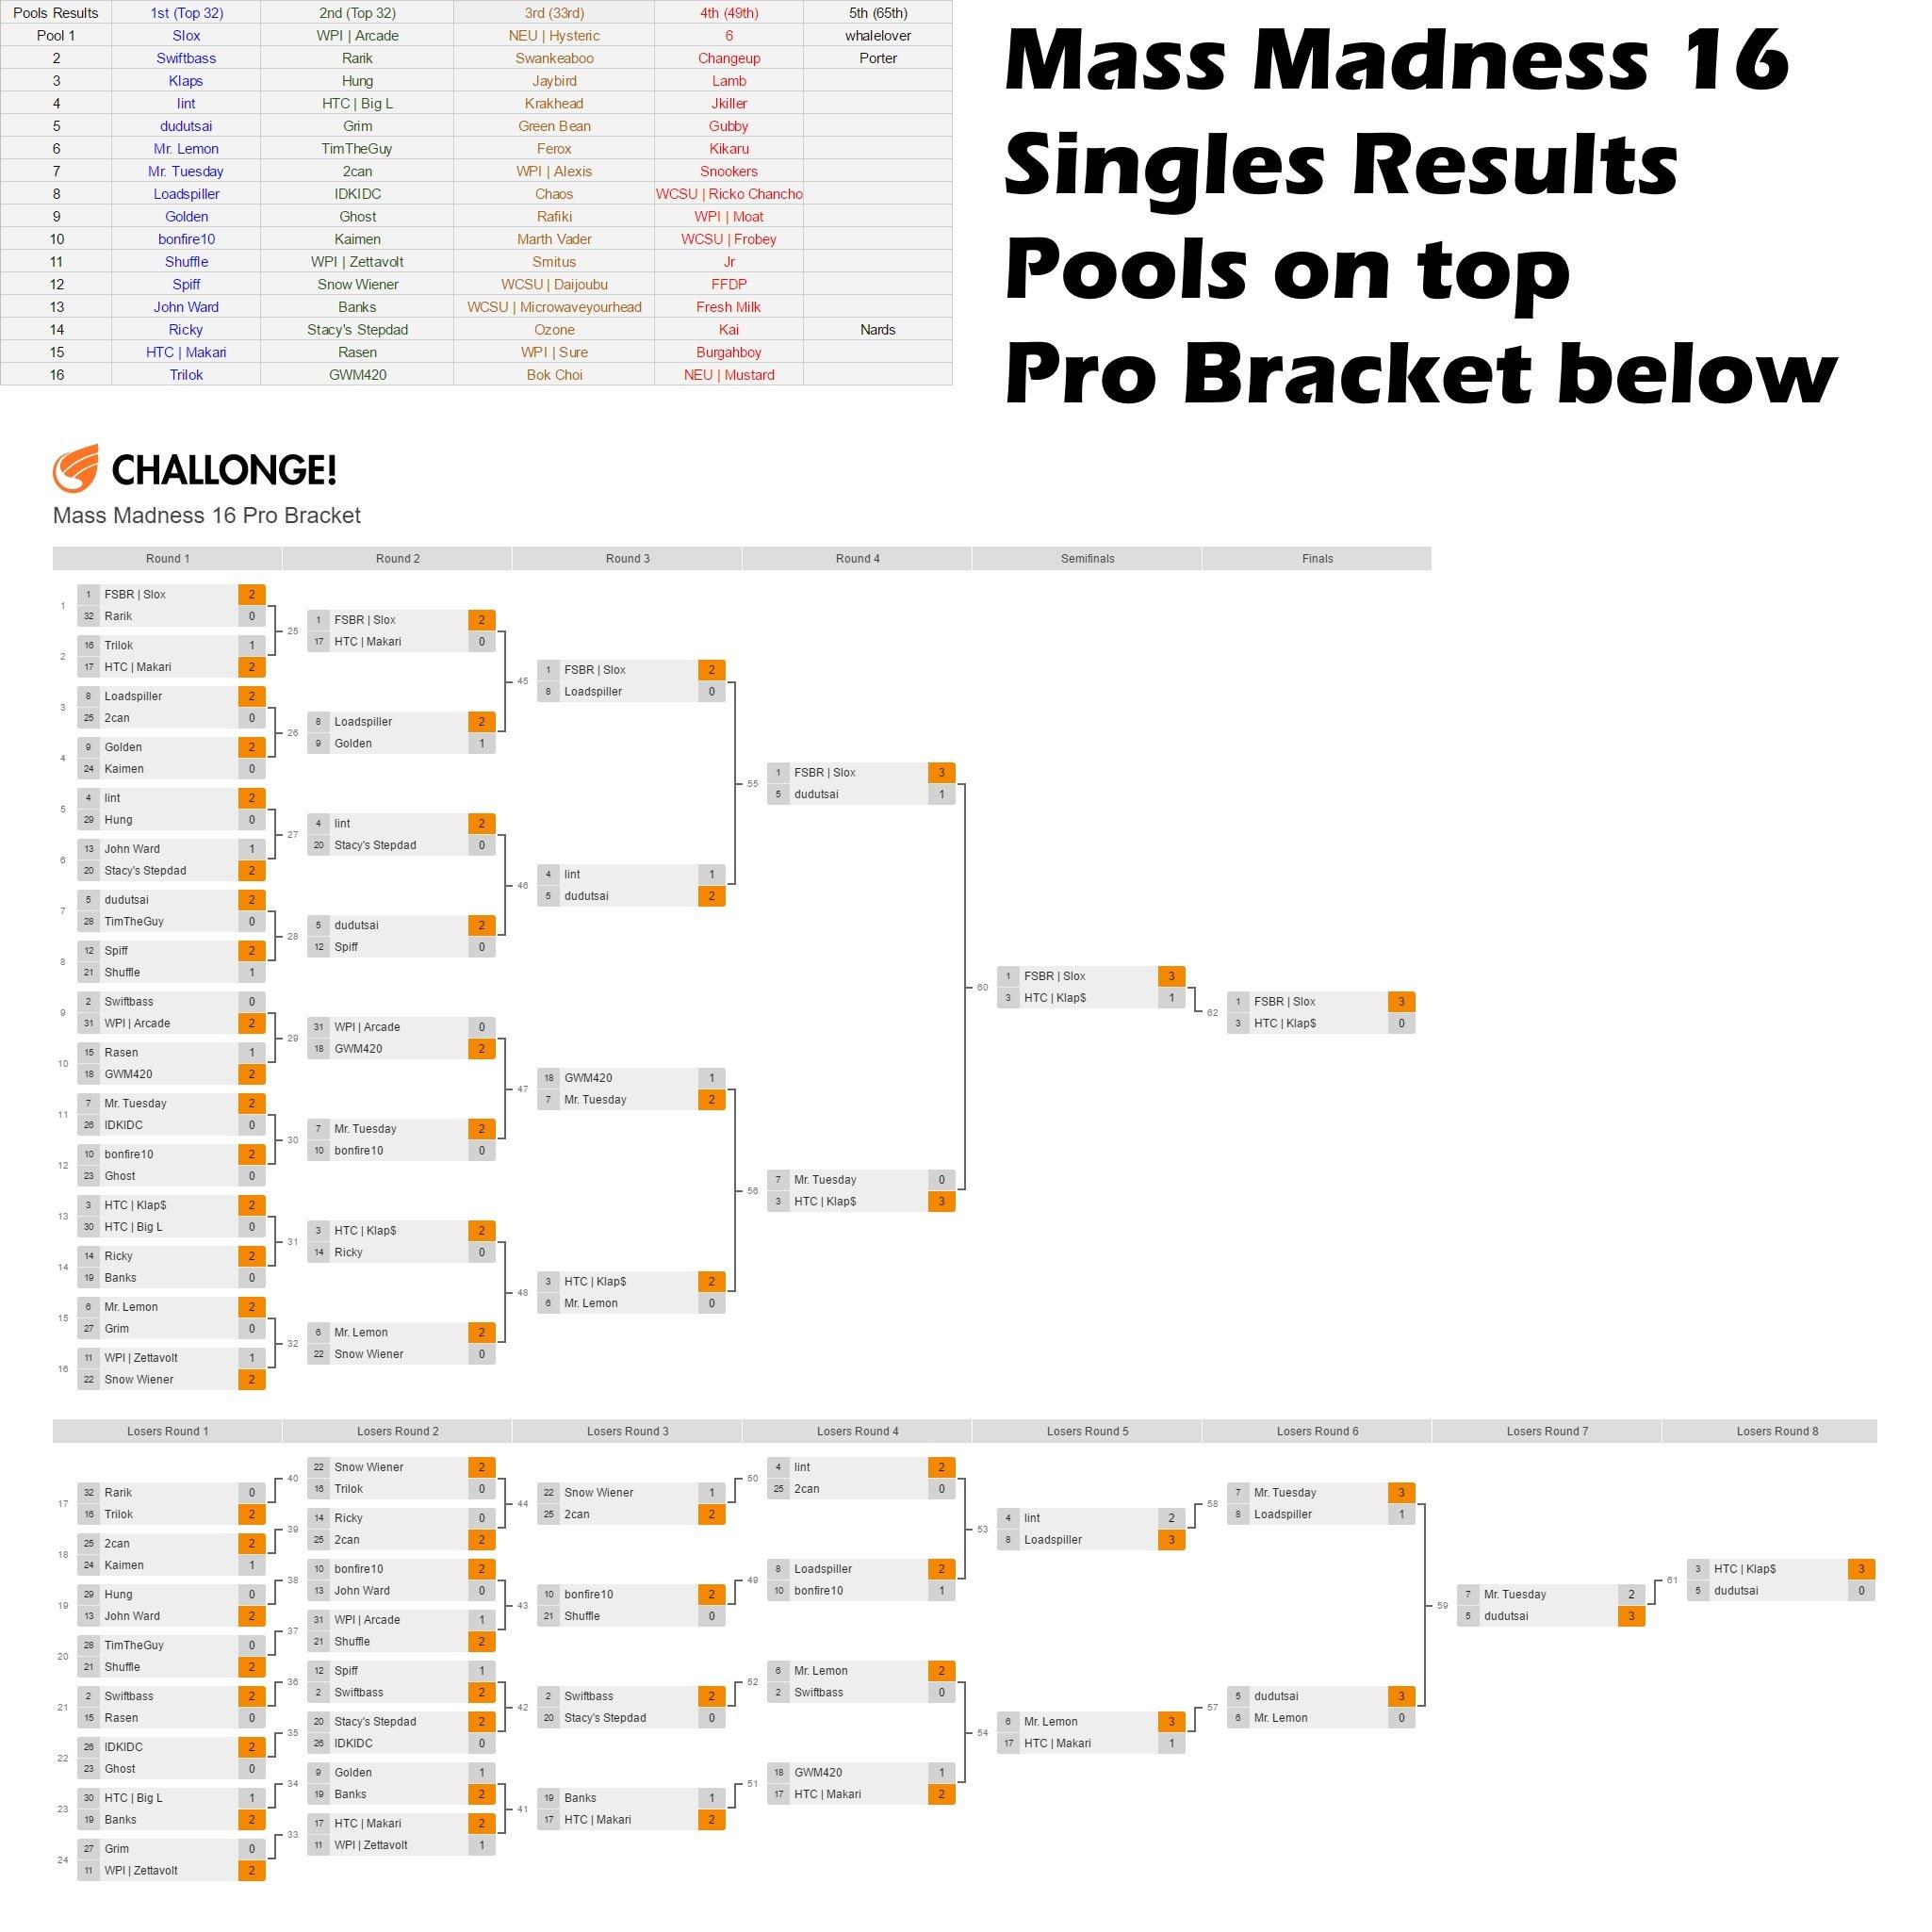 Mass Madness 16 - Singles